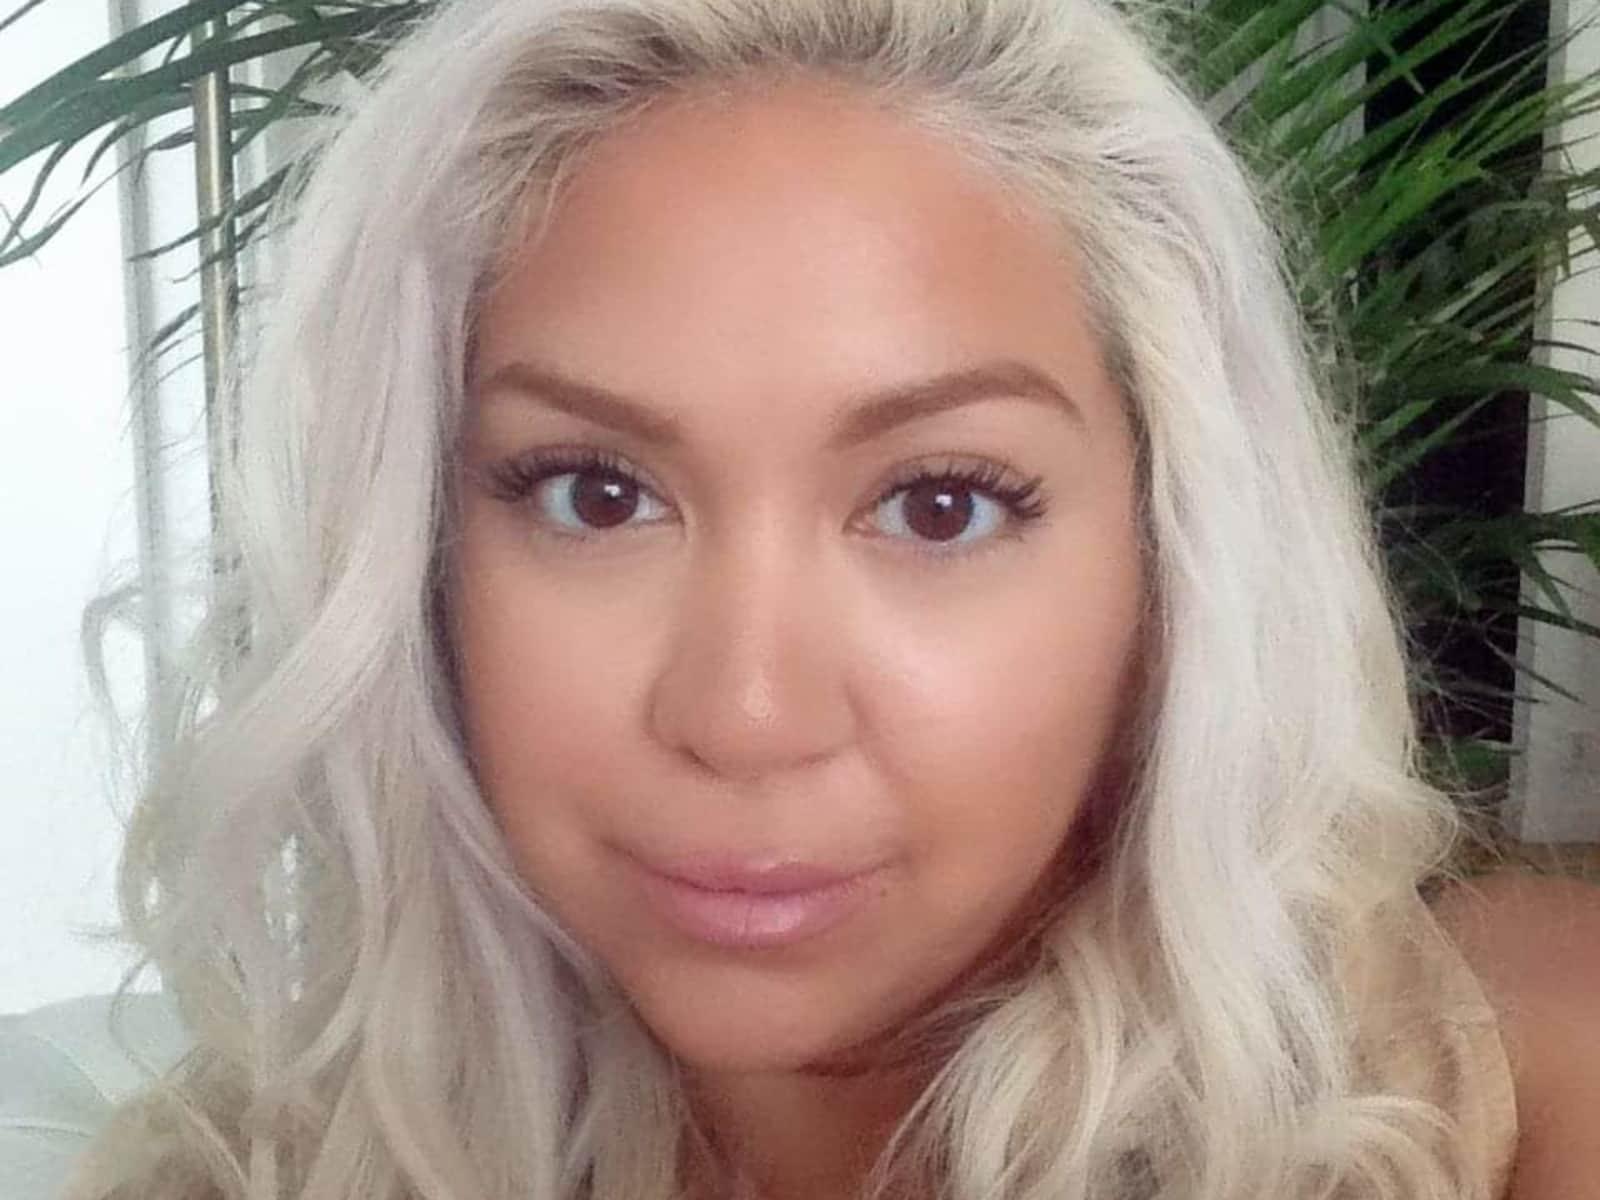 Ester from Stockholm, Sweden